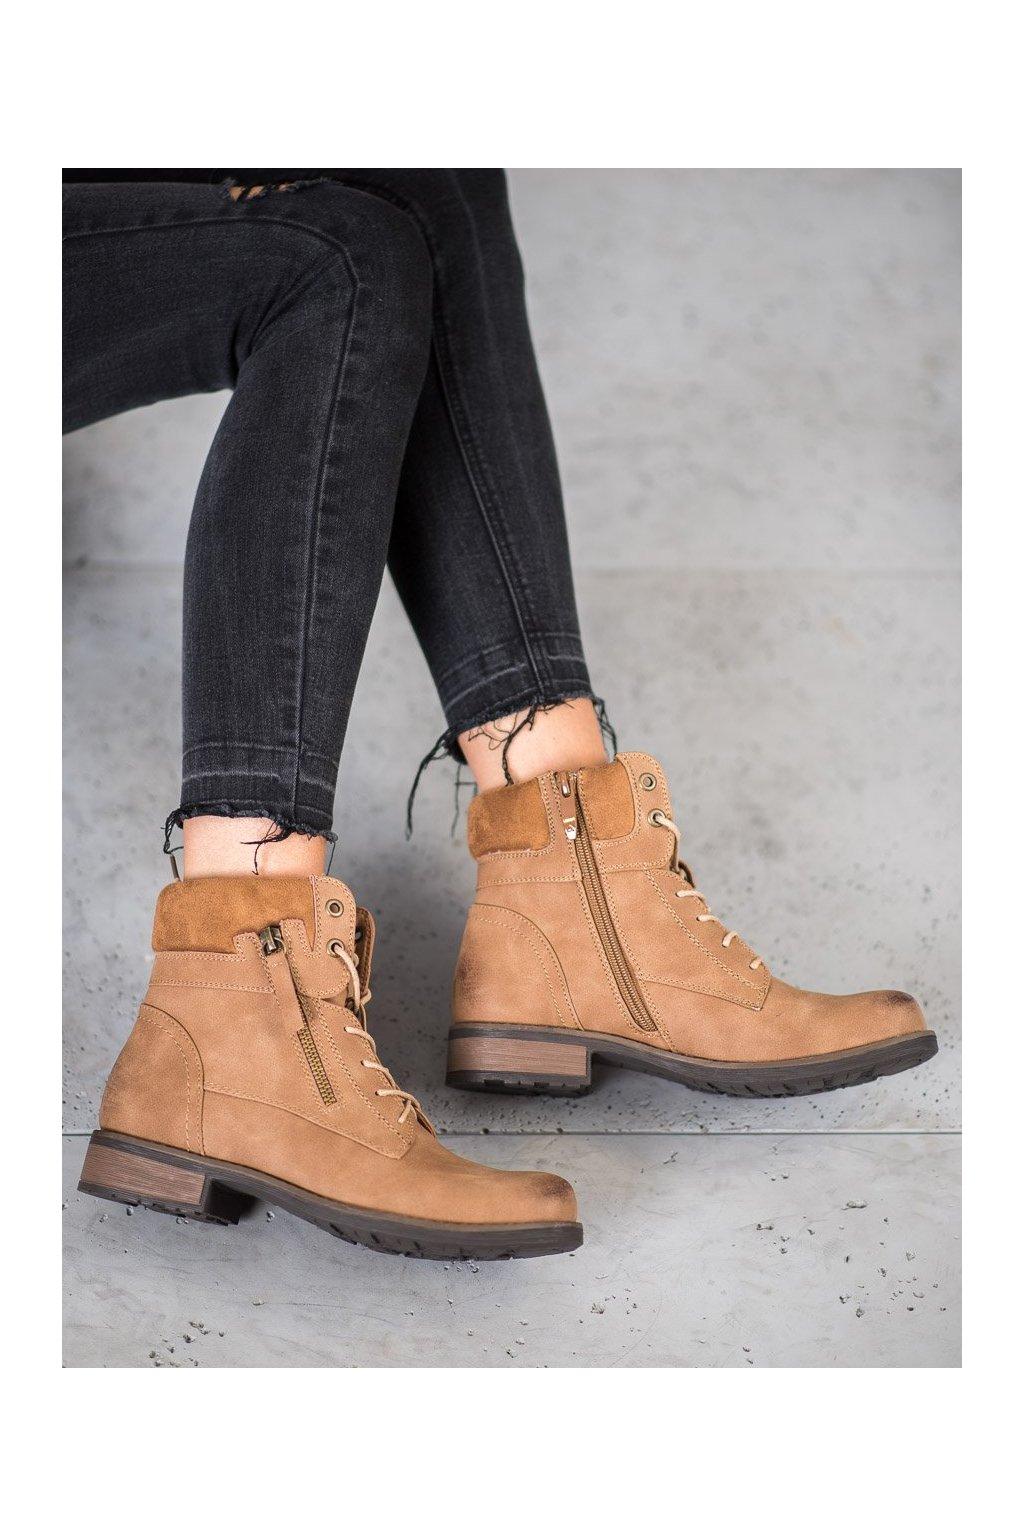 Hnedé dámske topánky Goodin kod GD-WL-09C